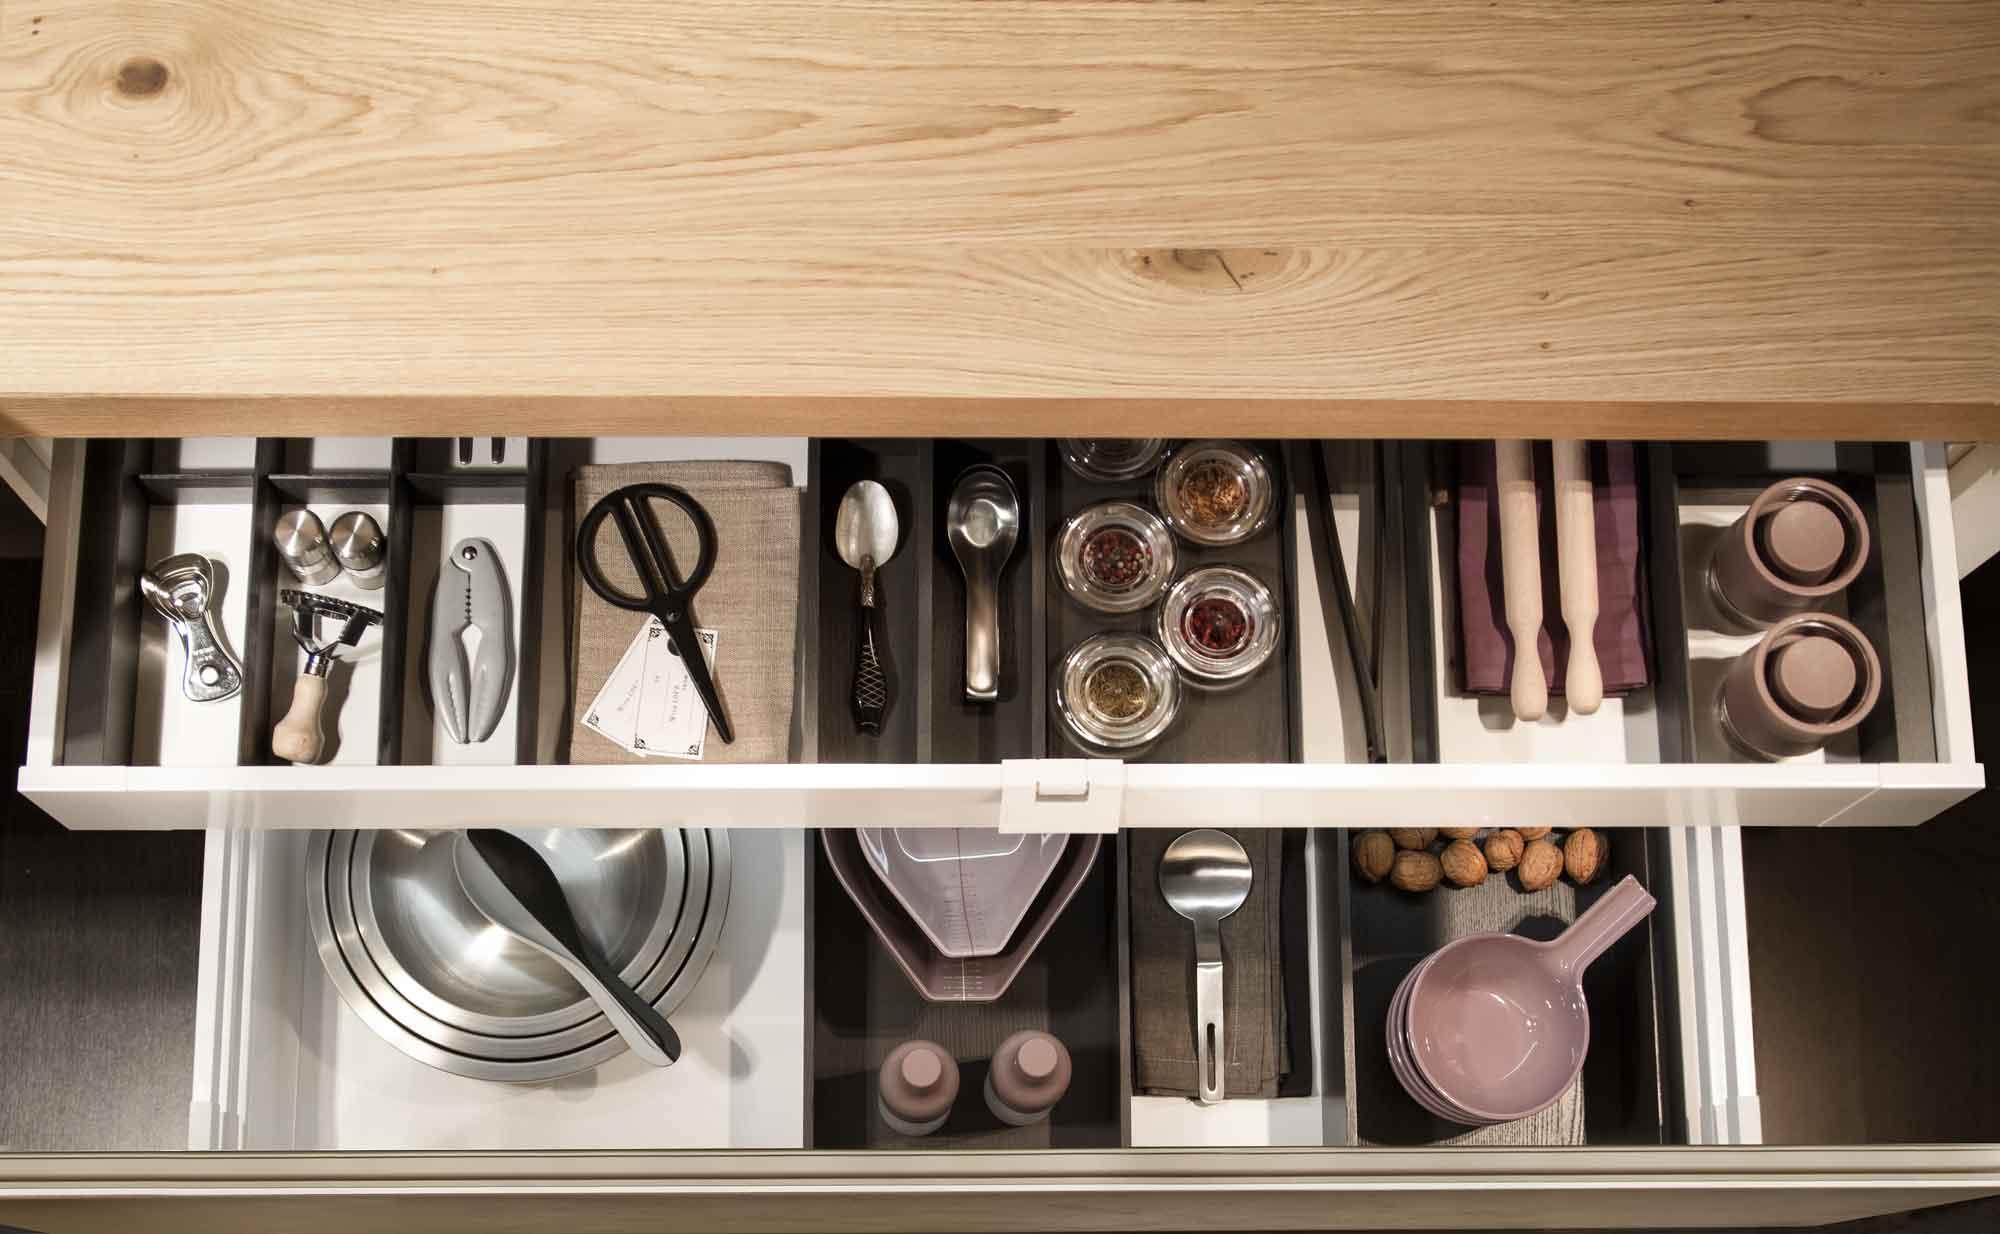 Cucina_moderna_cassetti_aperti